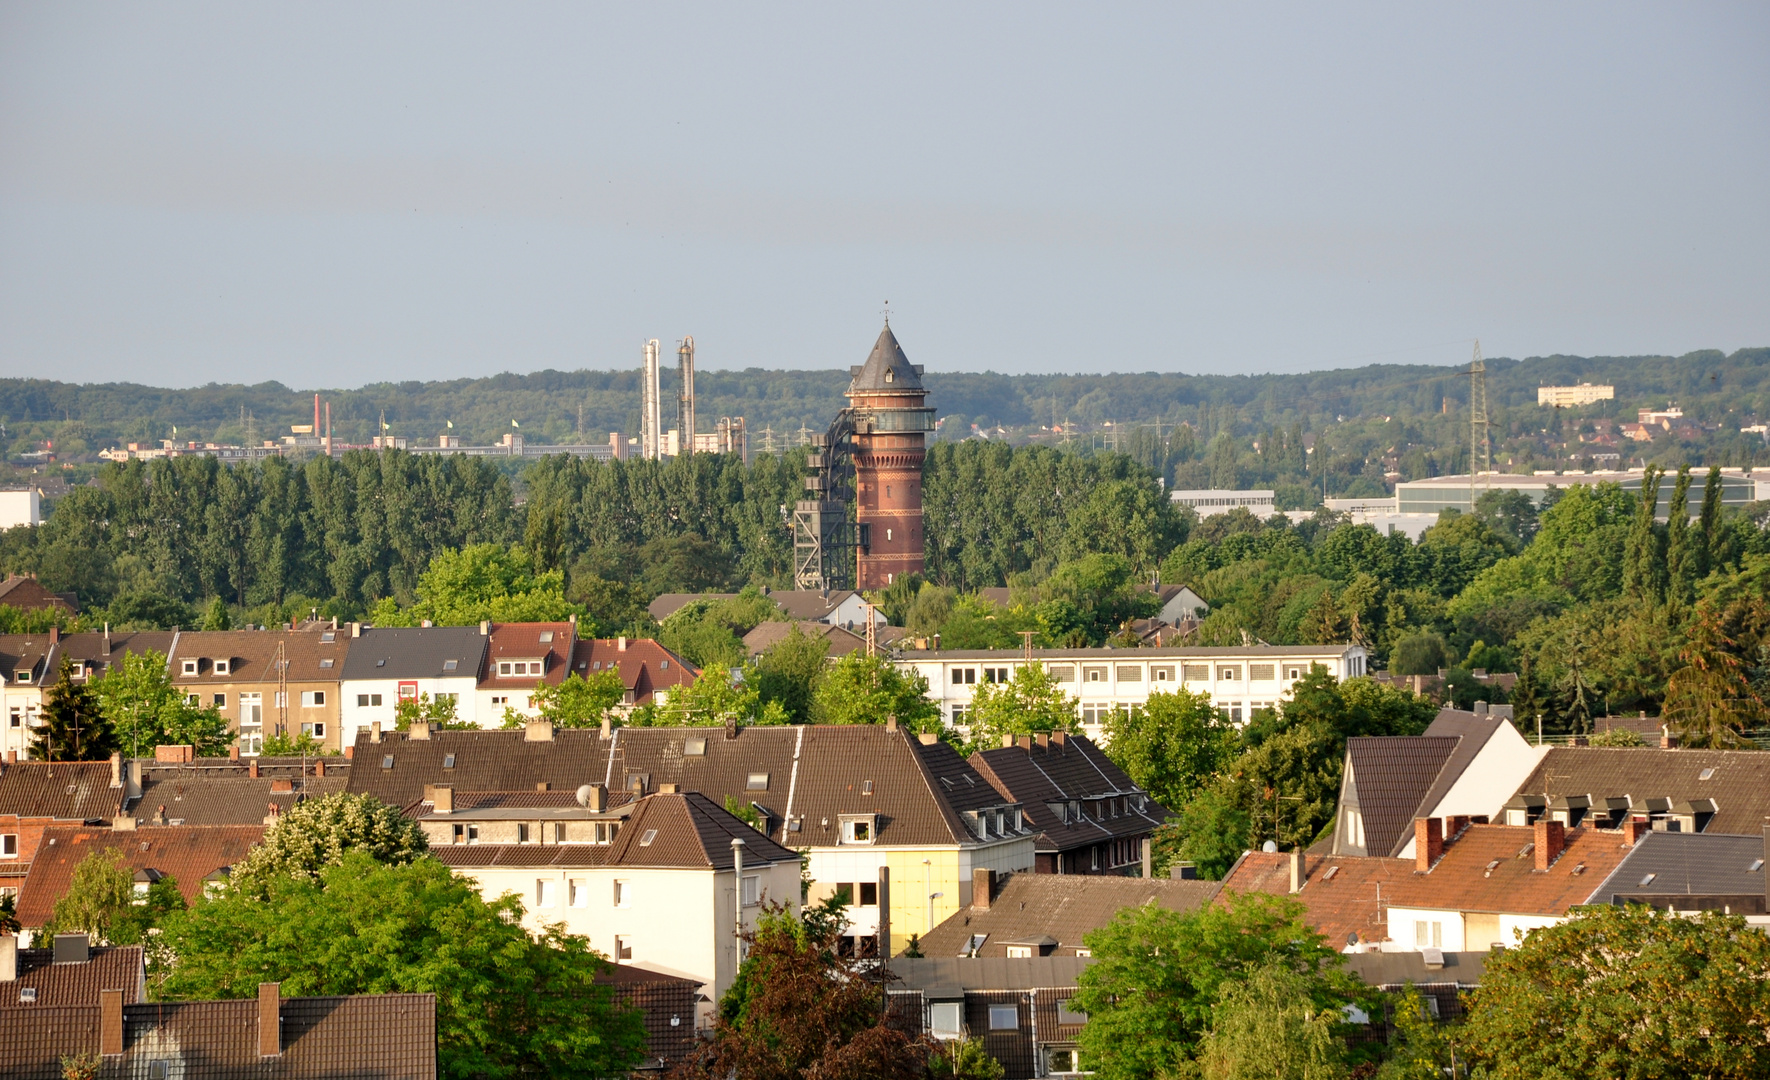 über den Dächern von Mühlheim